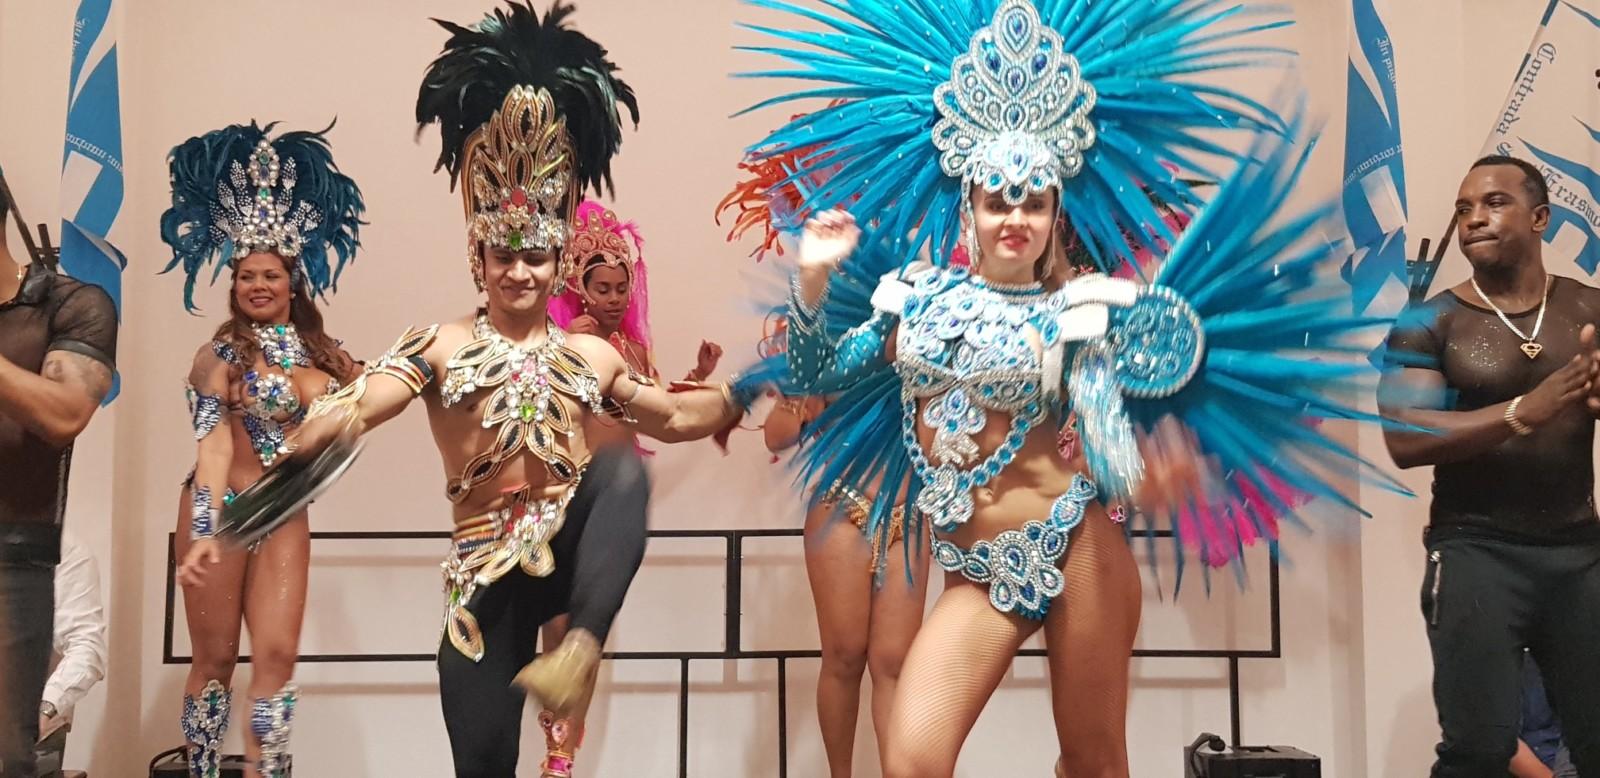 Festa brasiliana sant'erasmo (19)